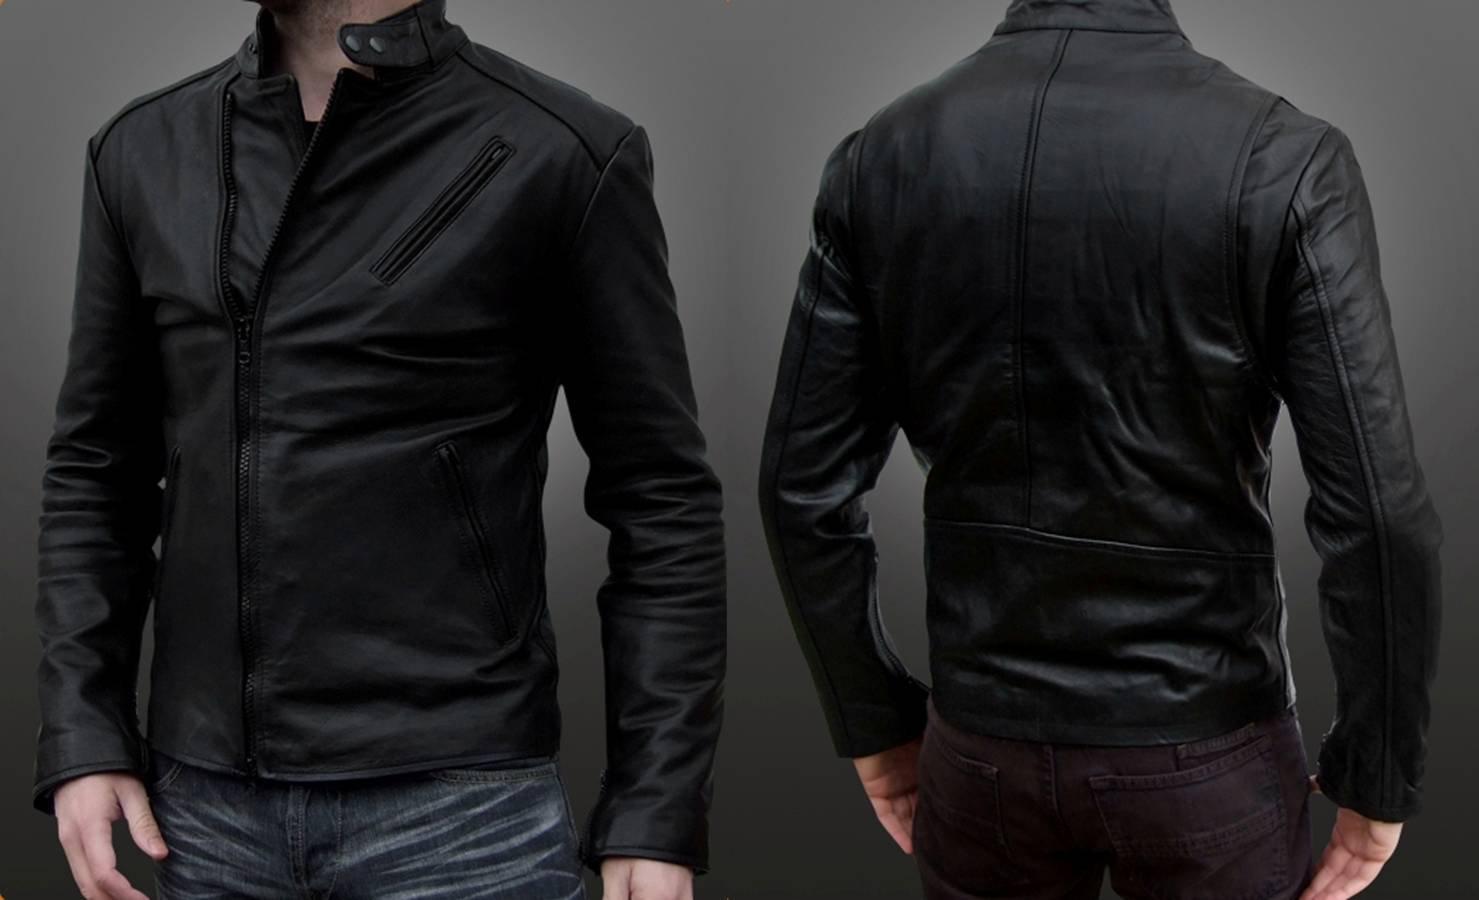 jual jaket semi kulit sintetis murah